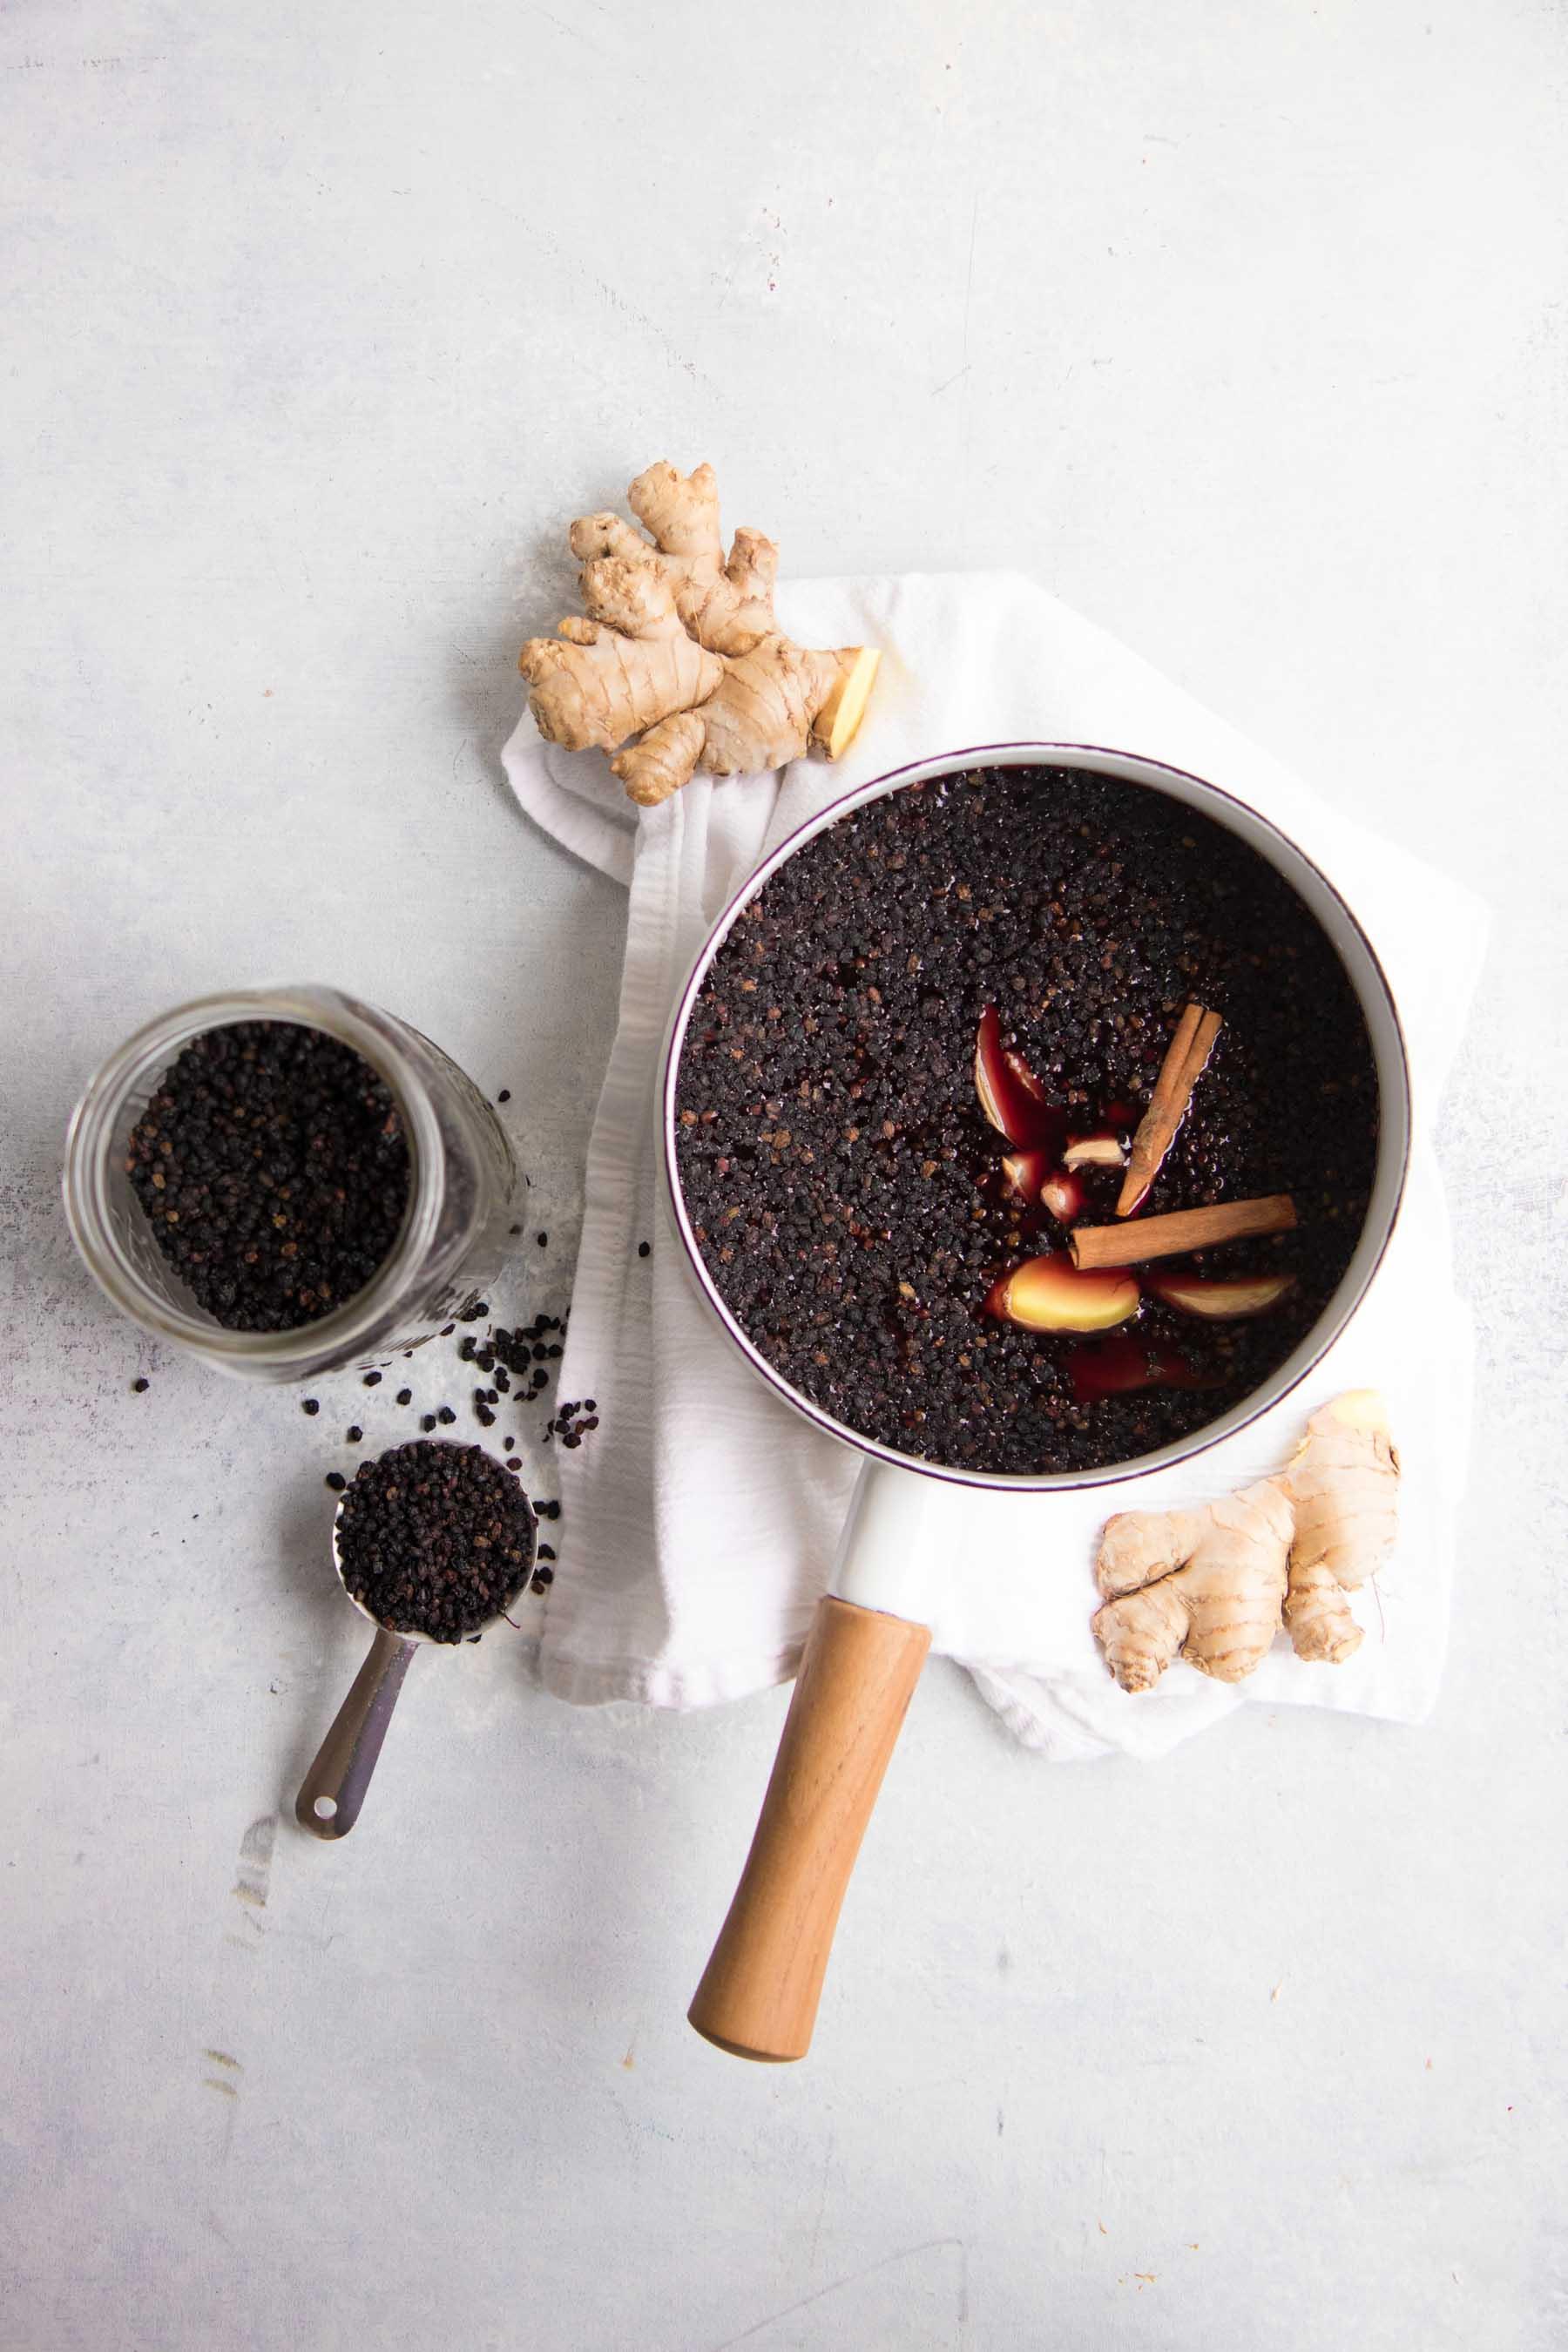 Elderberry Syrup - Ingredients